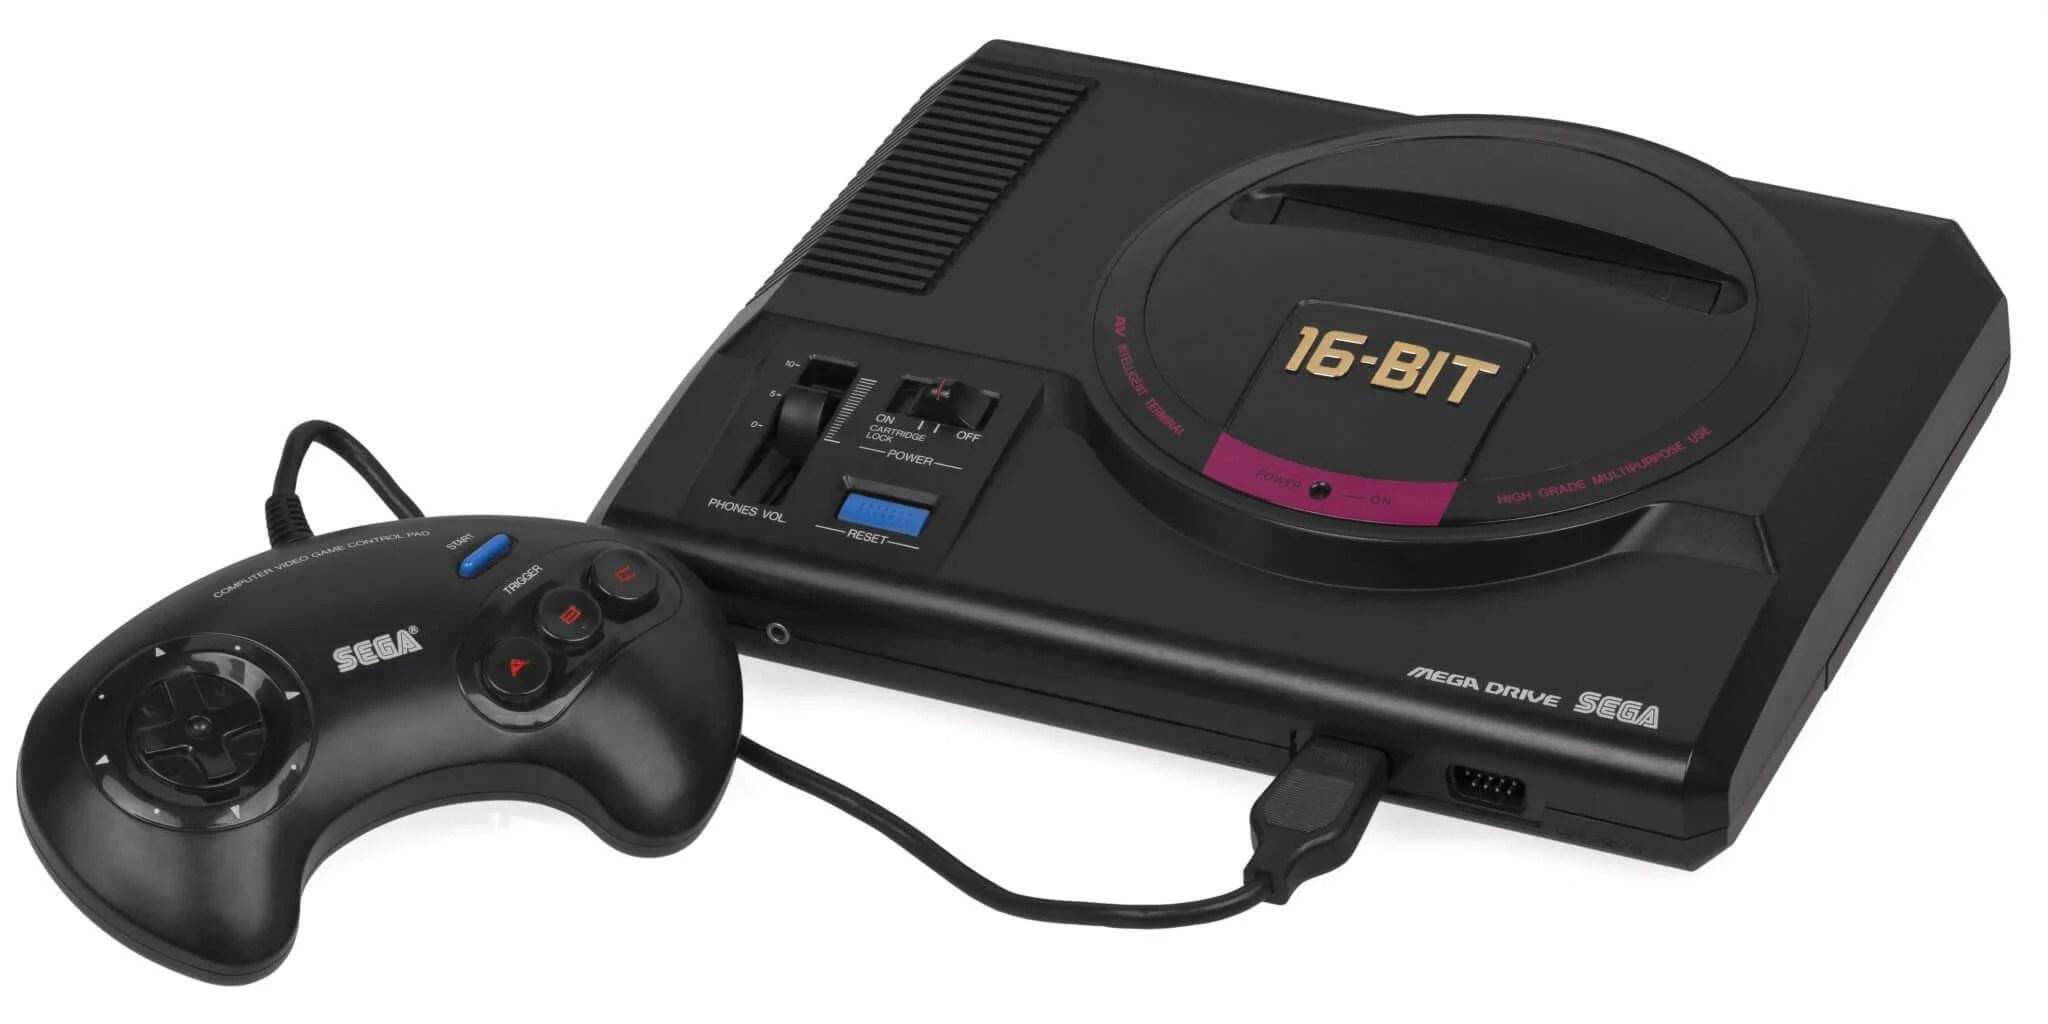 Sega Mega Drive JP Mk1 Console Set - TecToy relança Mega Drive com entrada para fitas, mas sem HDMI